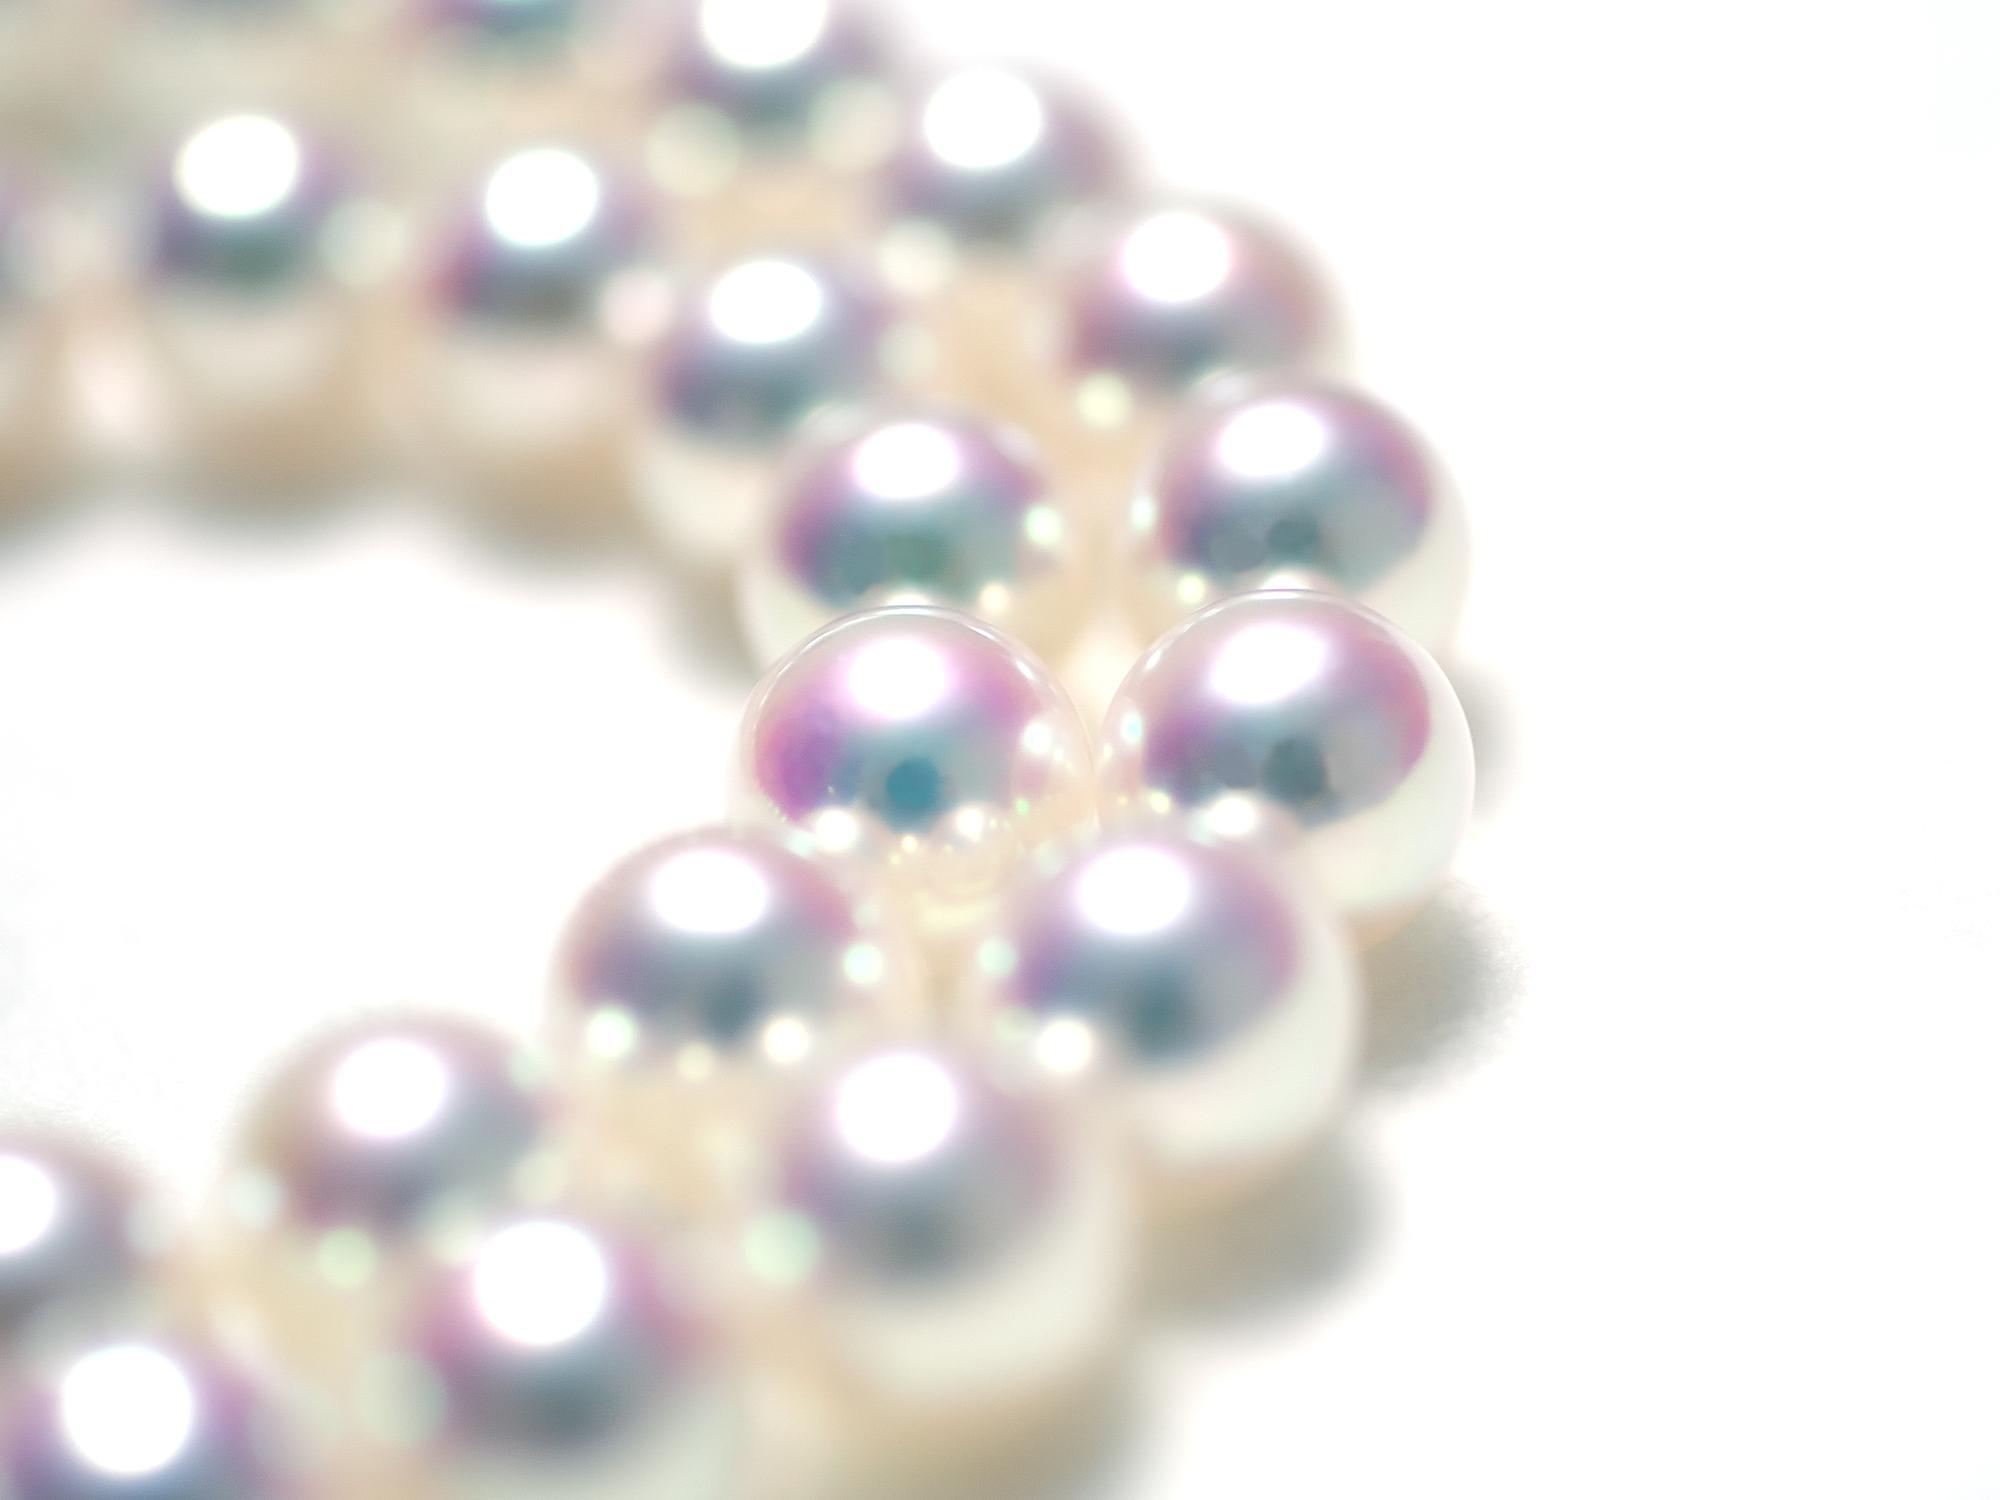 真珠を選ぶなら知っておきたい!「エンハンスメント」ってなに?静岡市宝石店